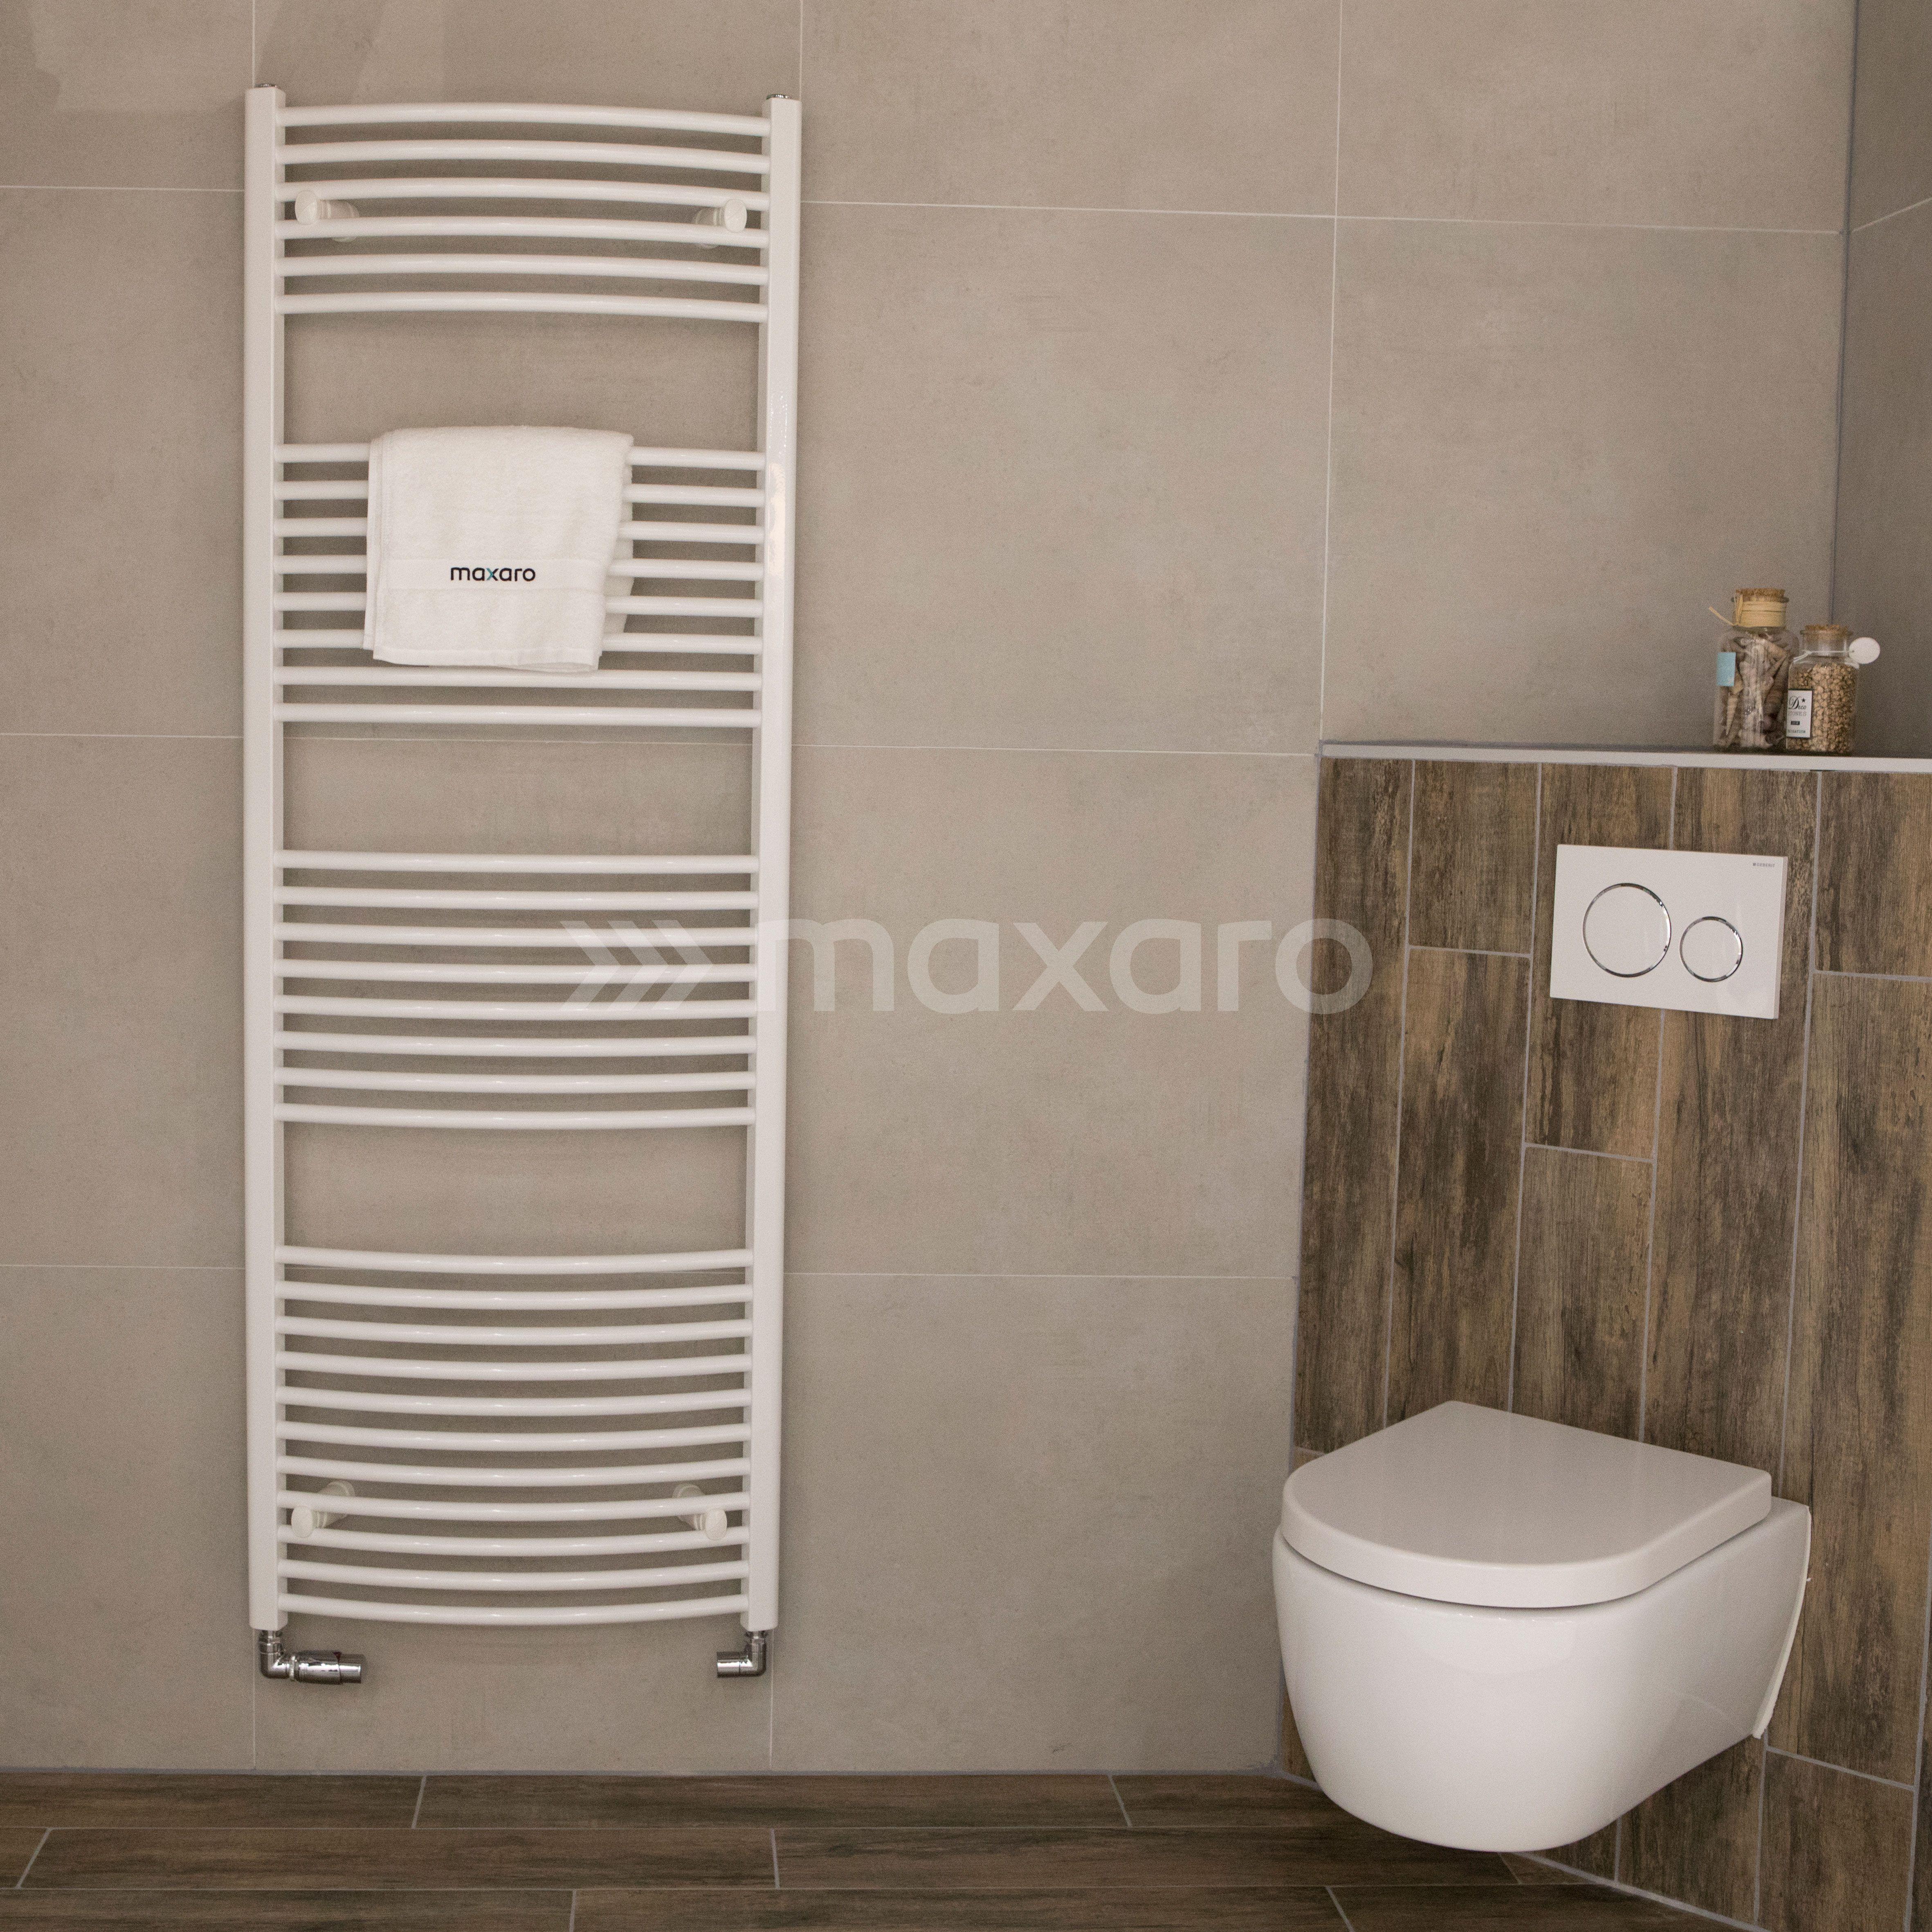 Badkamer ideeën 2018: Design houtlook badkamer met hangend ...